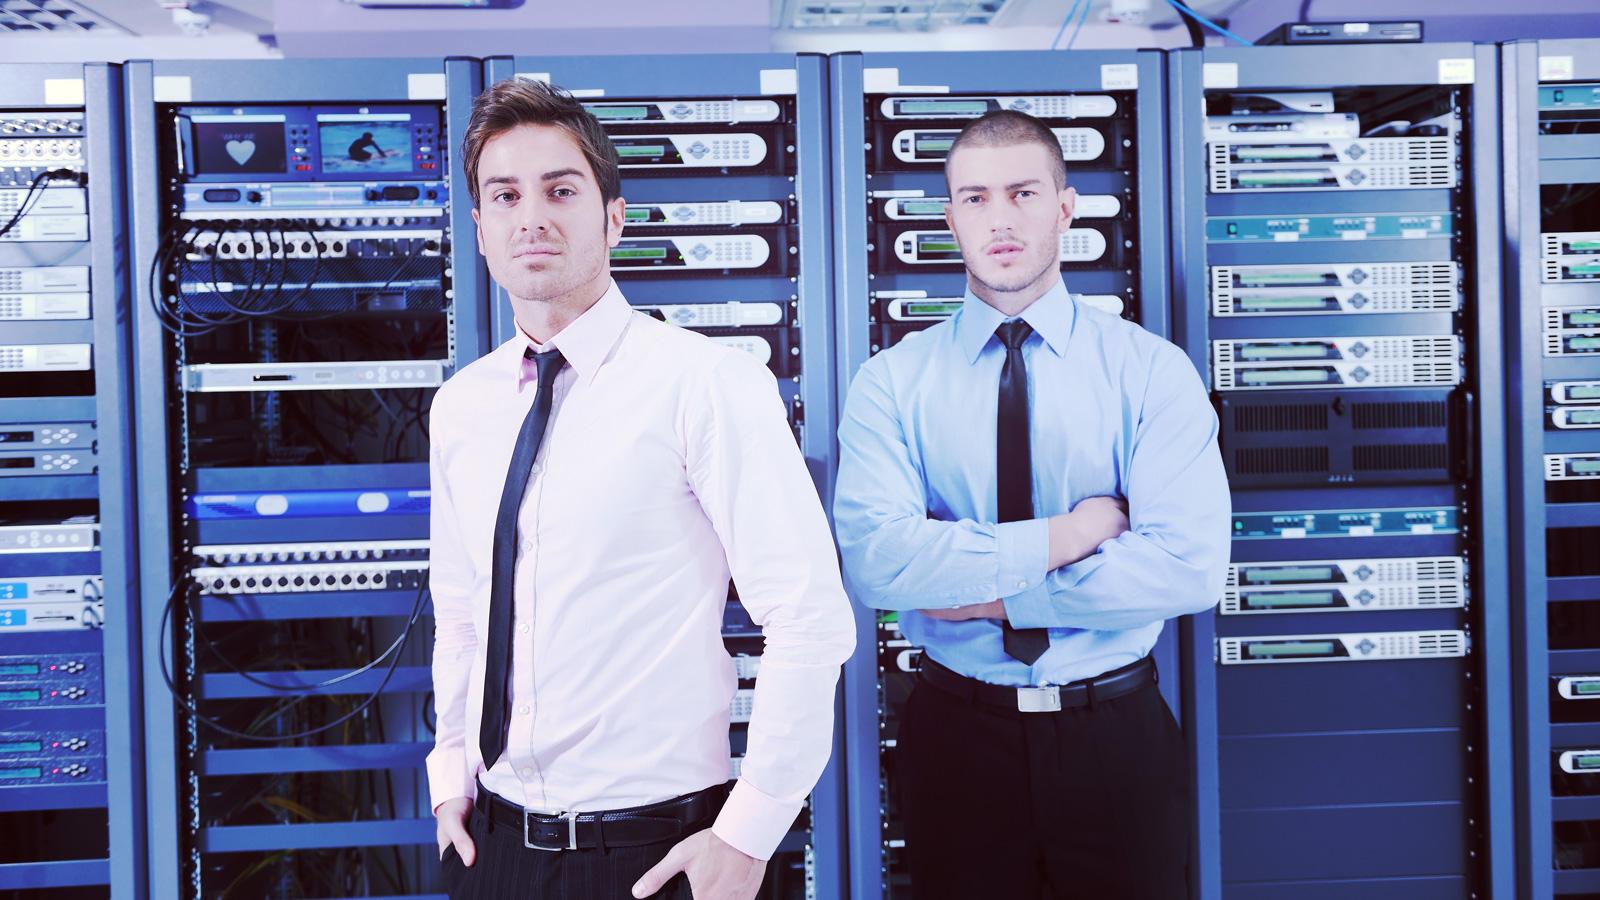 Jak centra danych radzą sobie ze zwiększonym ruchem w Internecie? dane mediarun serwer informatyk technik IT dane centrum 2020